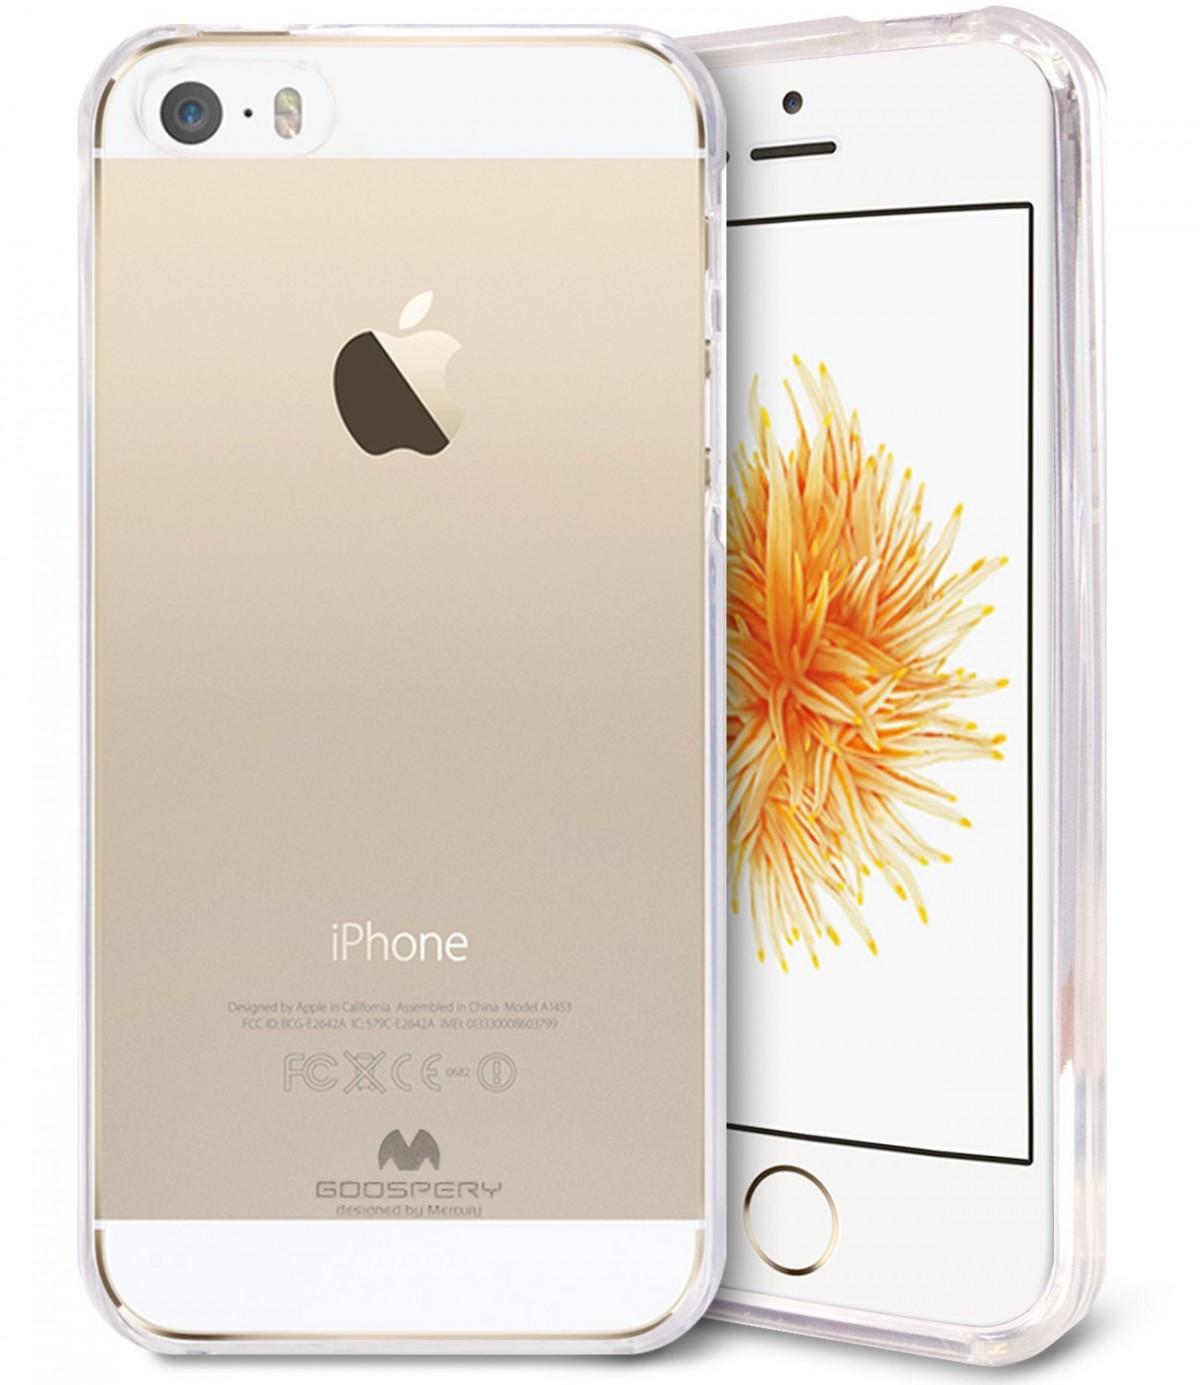 Silikonové obaly / kryty Goospery Mercury pro Apple iPhone SE / 5s / 5c / 5 - Čirý / Průhledný